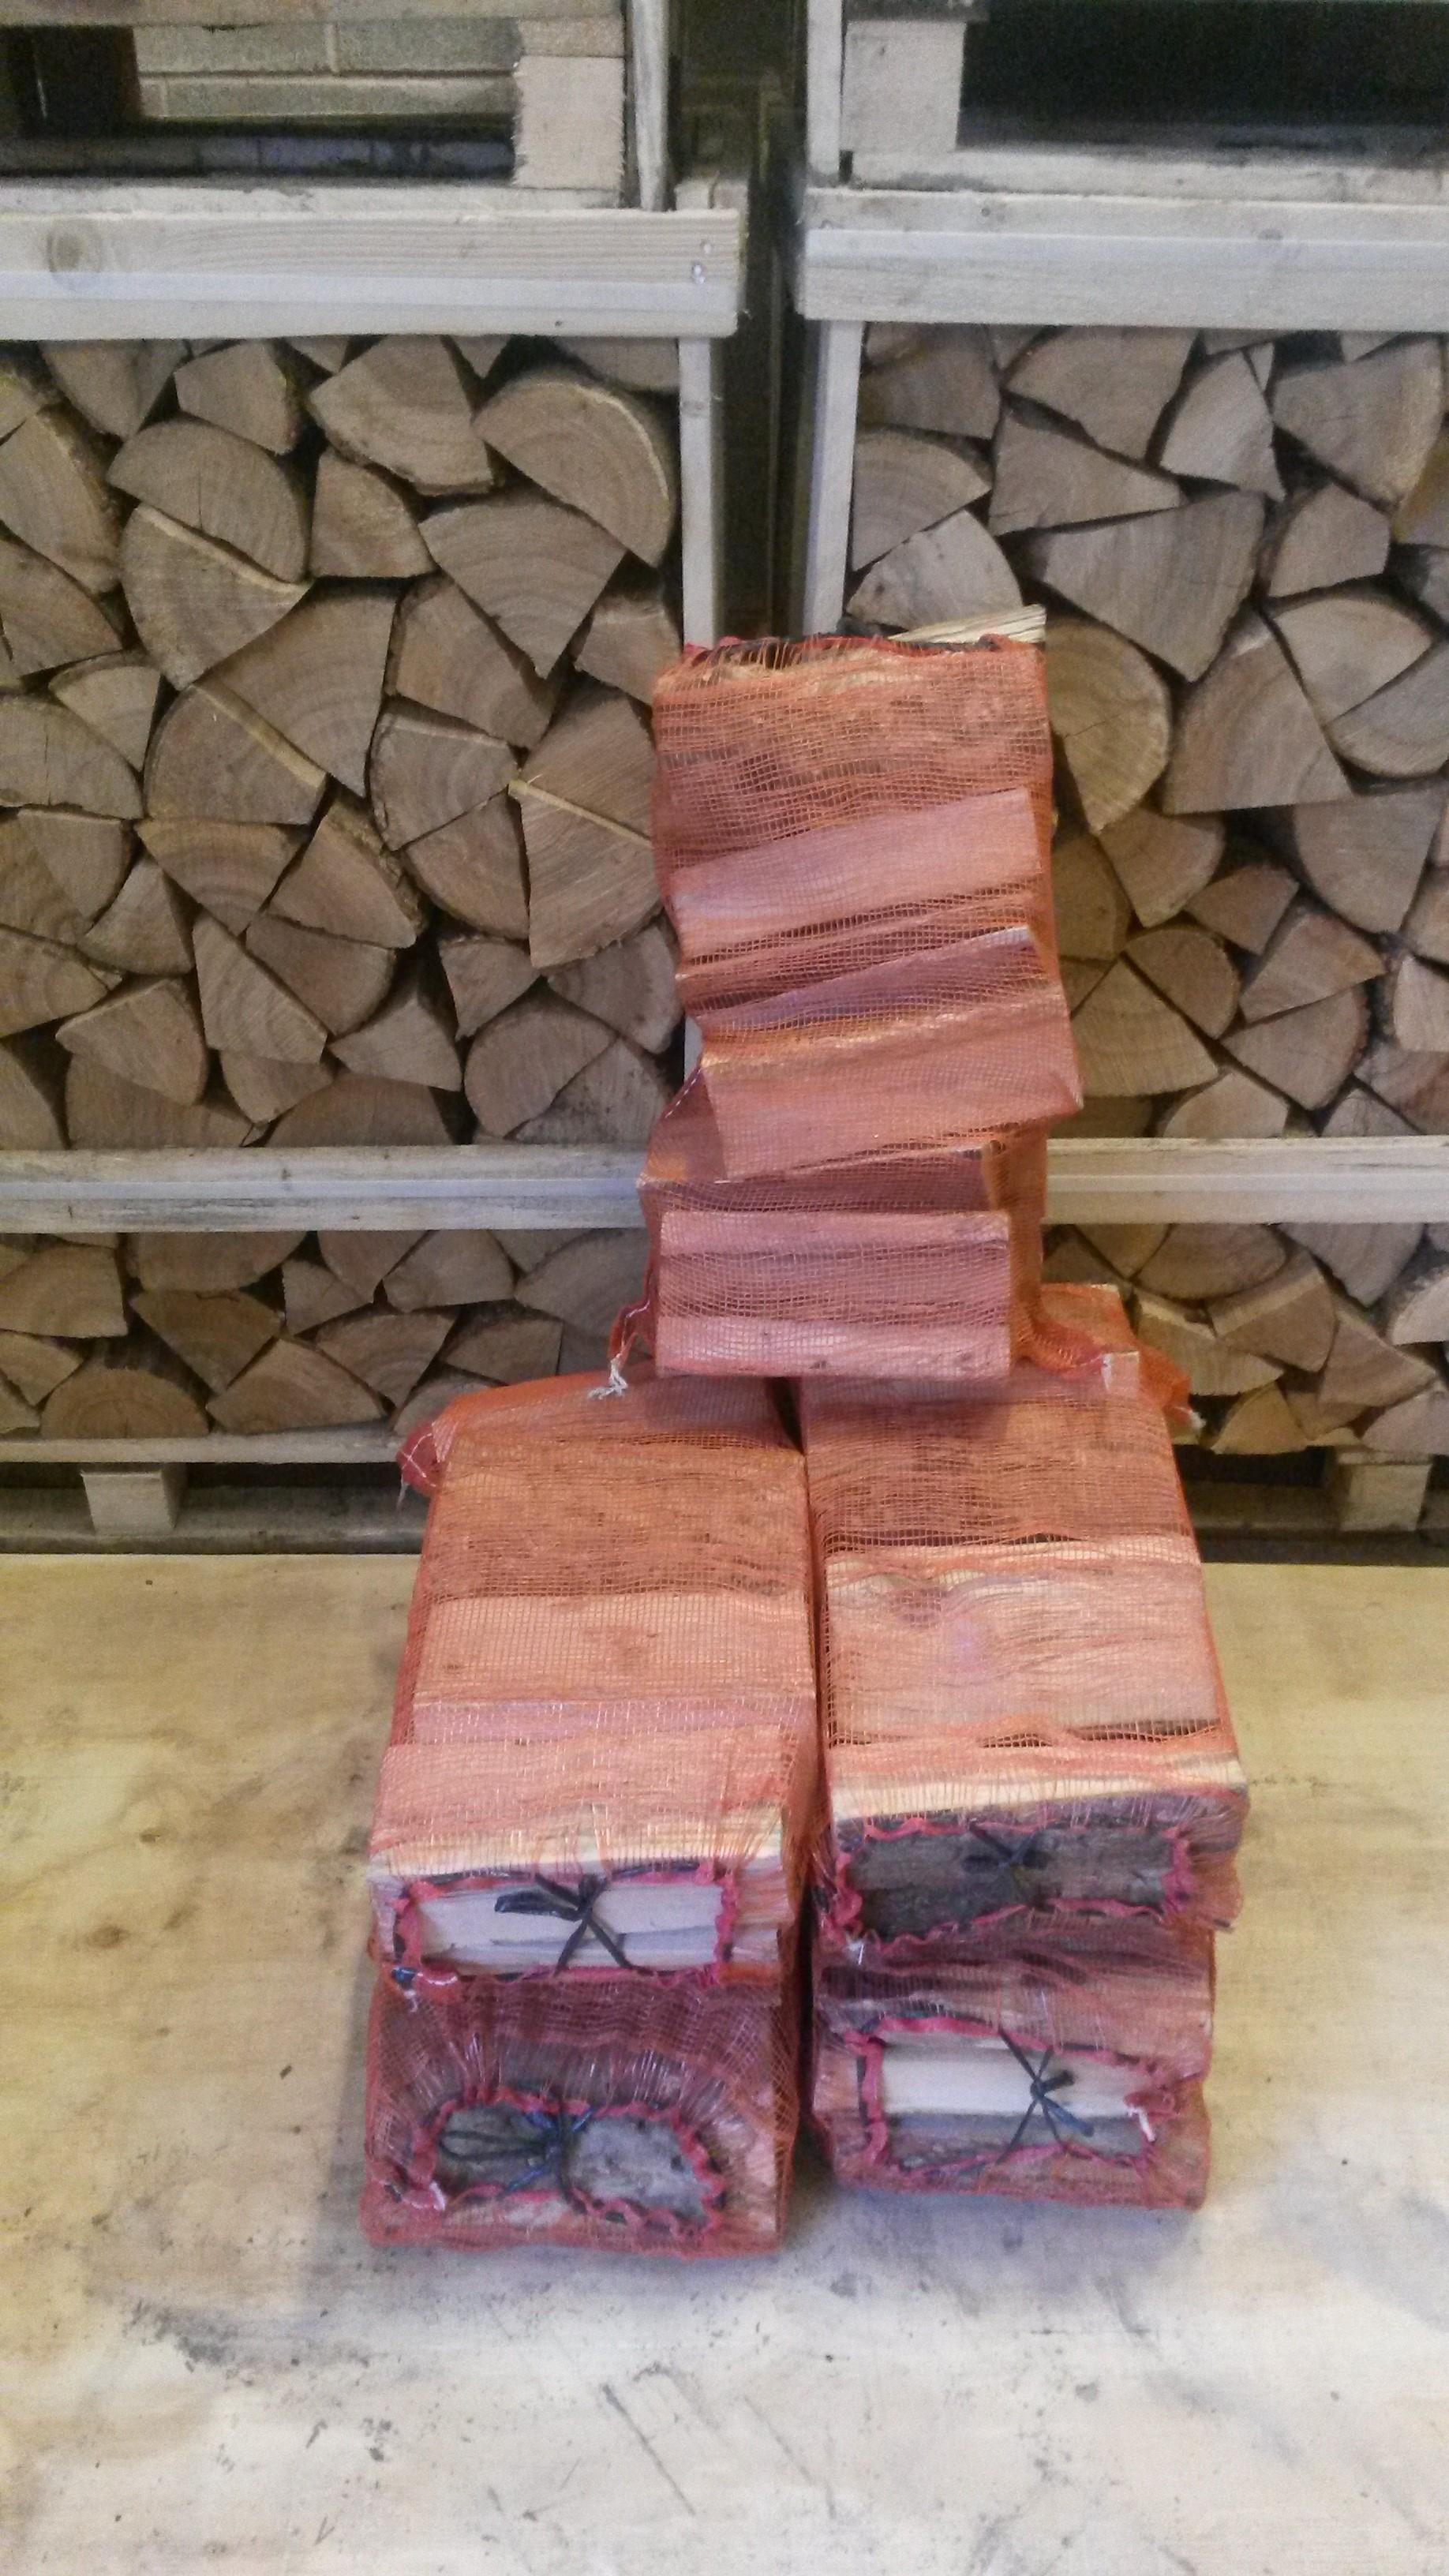 NET BAGS kiln dried logs